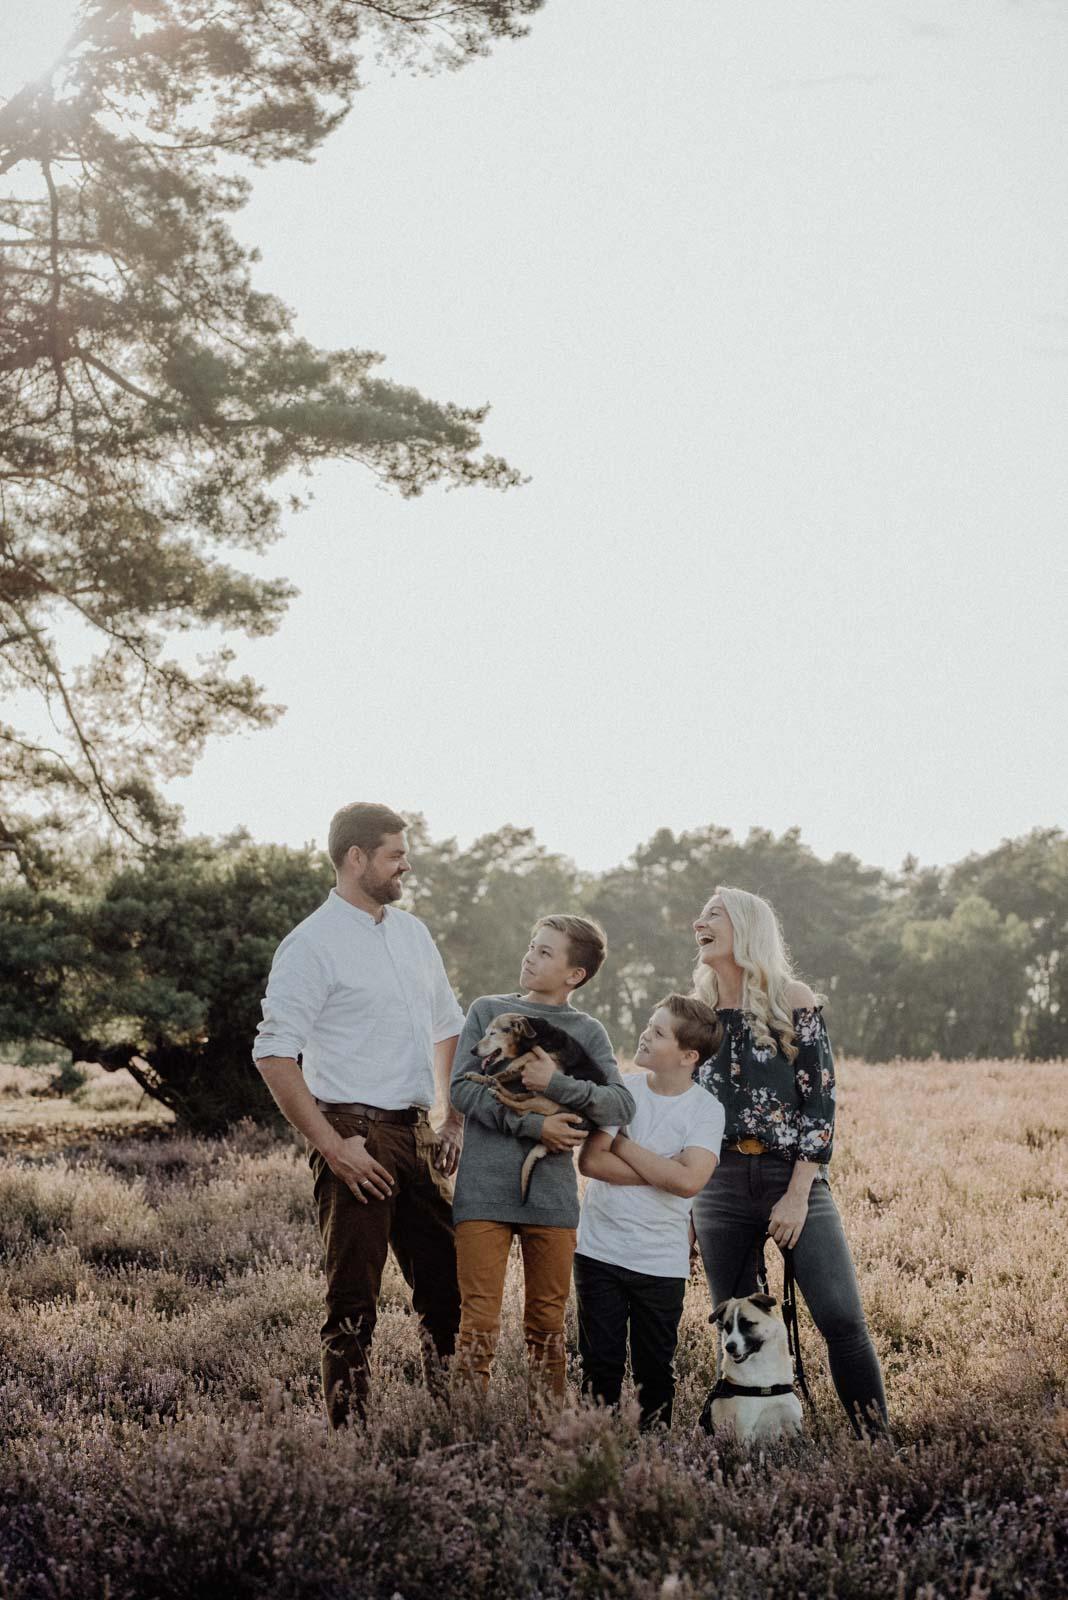 004-Familienfotos-Familienreportage-Heideshooting-natürlich-Heide